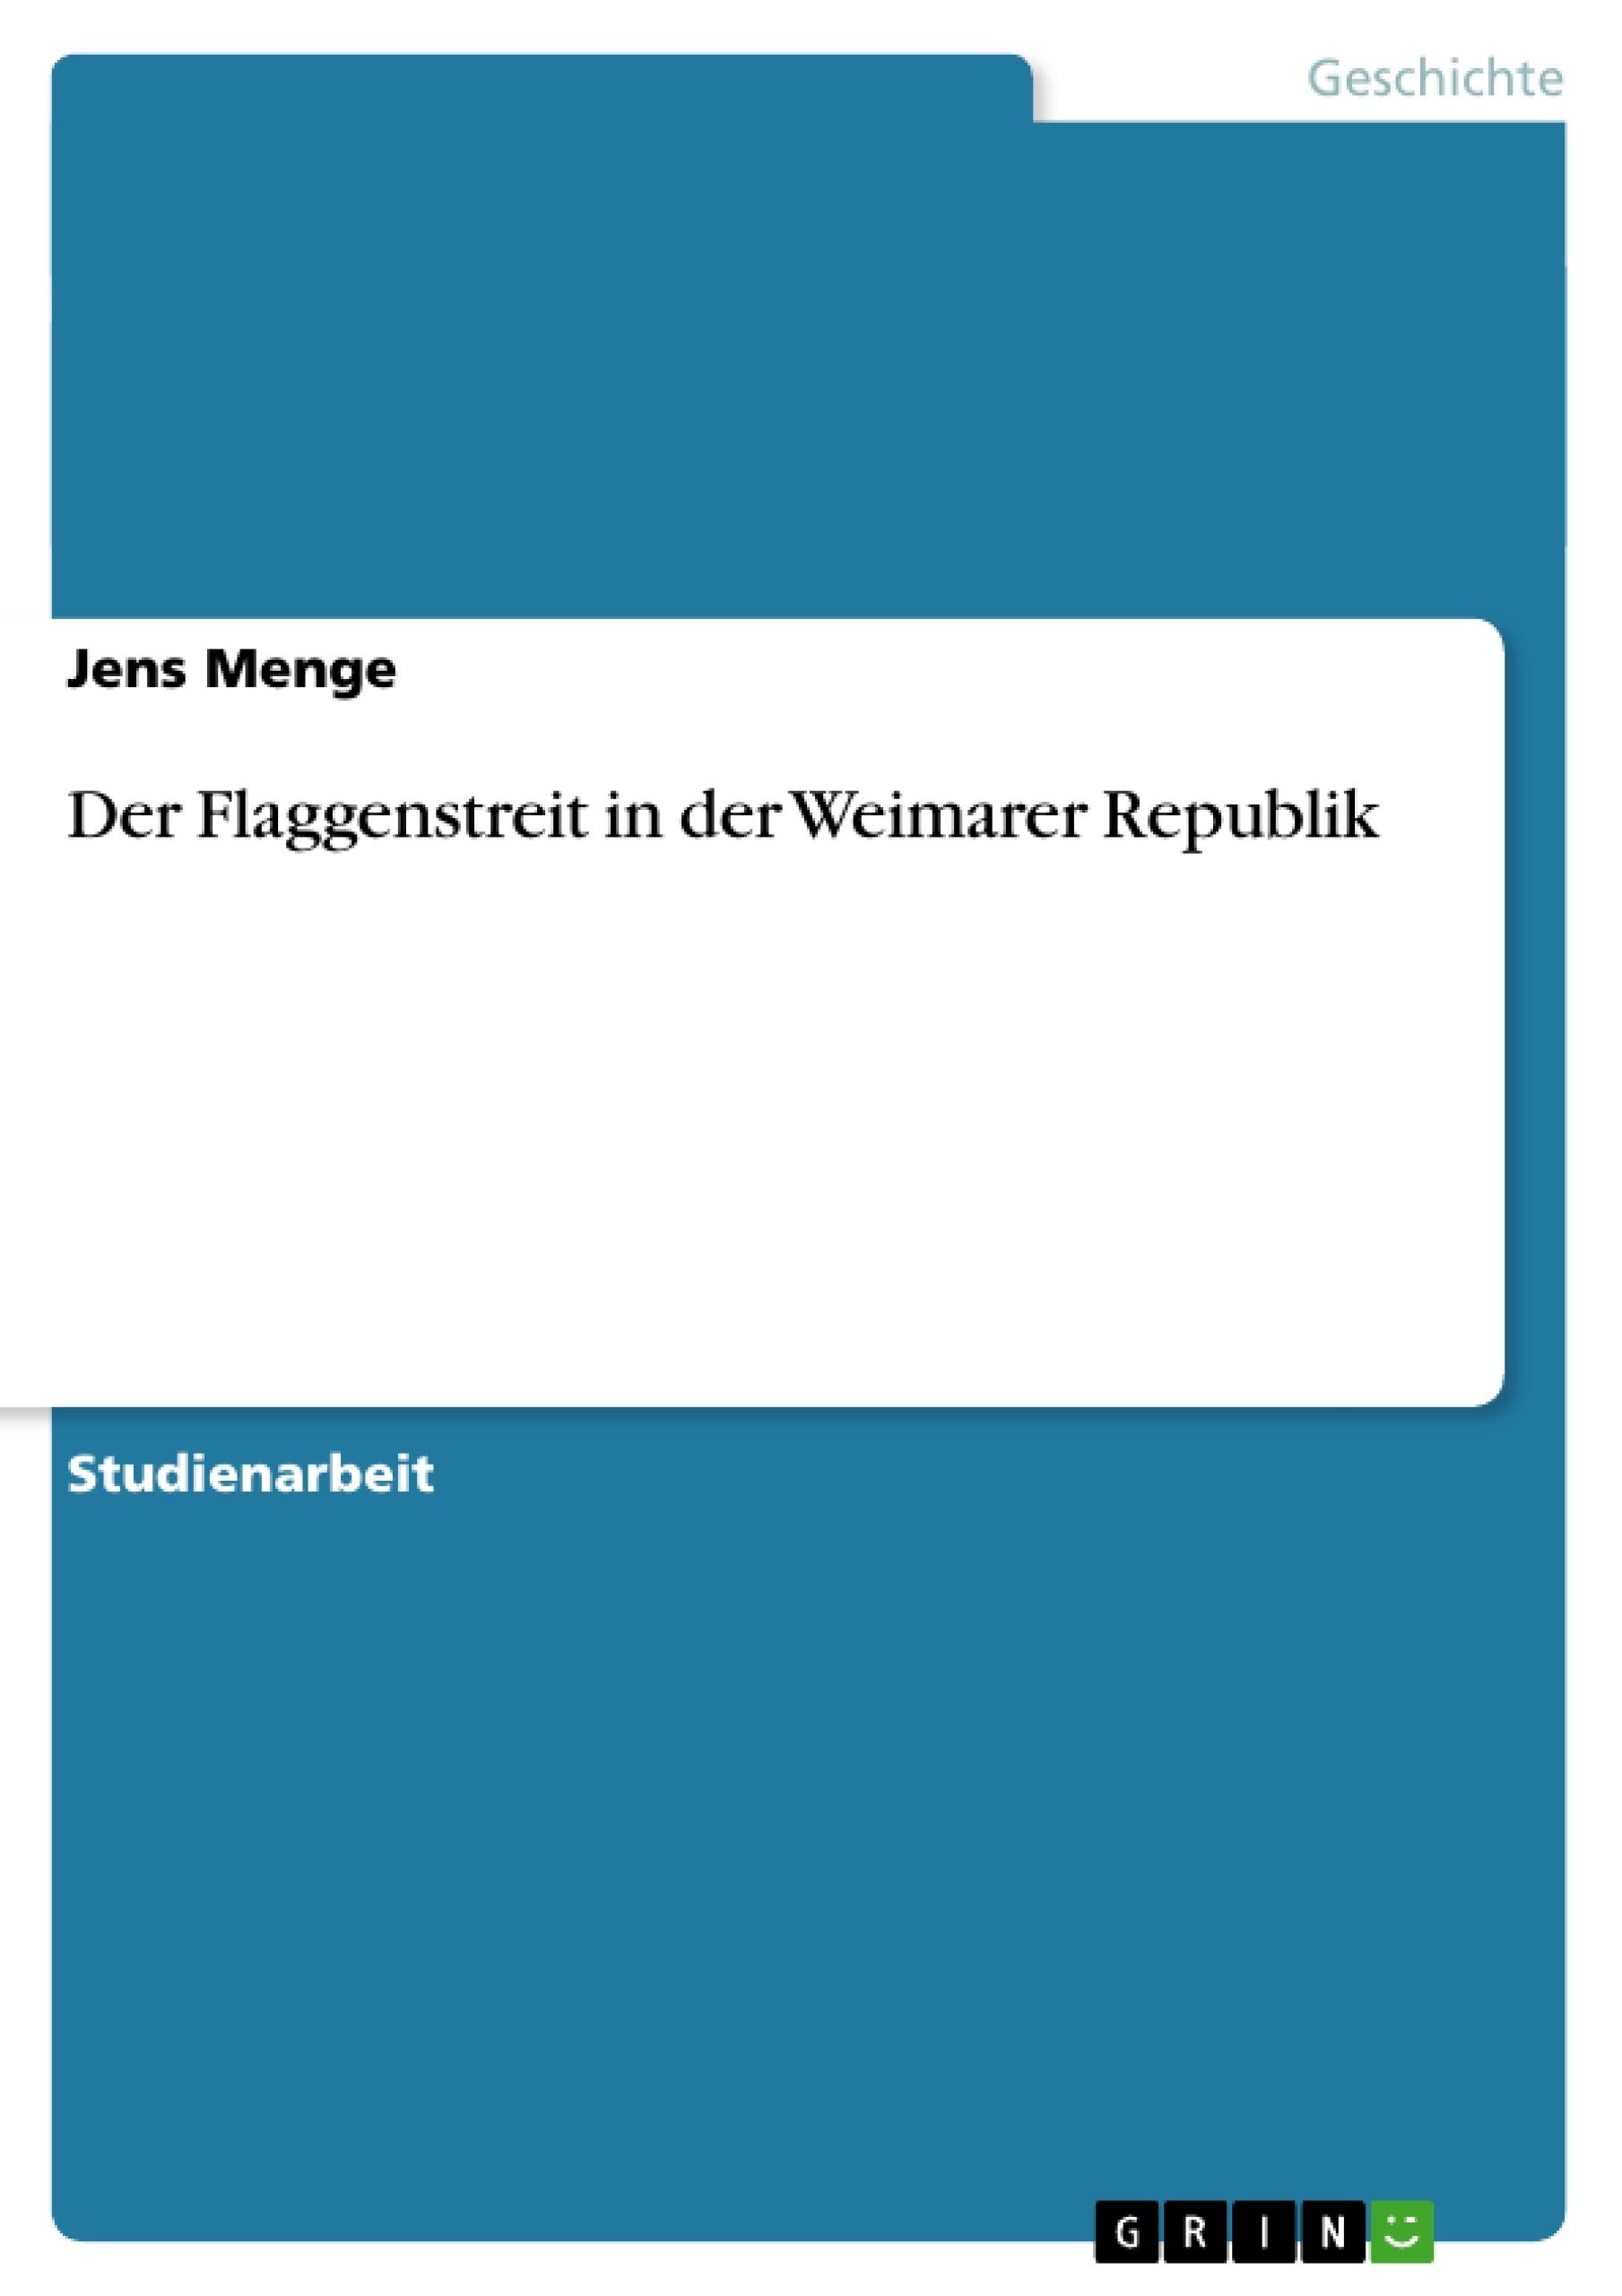 Titel: Der Flaggenstreit in der Weimarer Republik